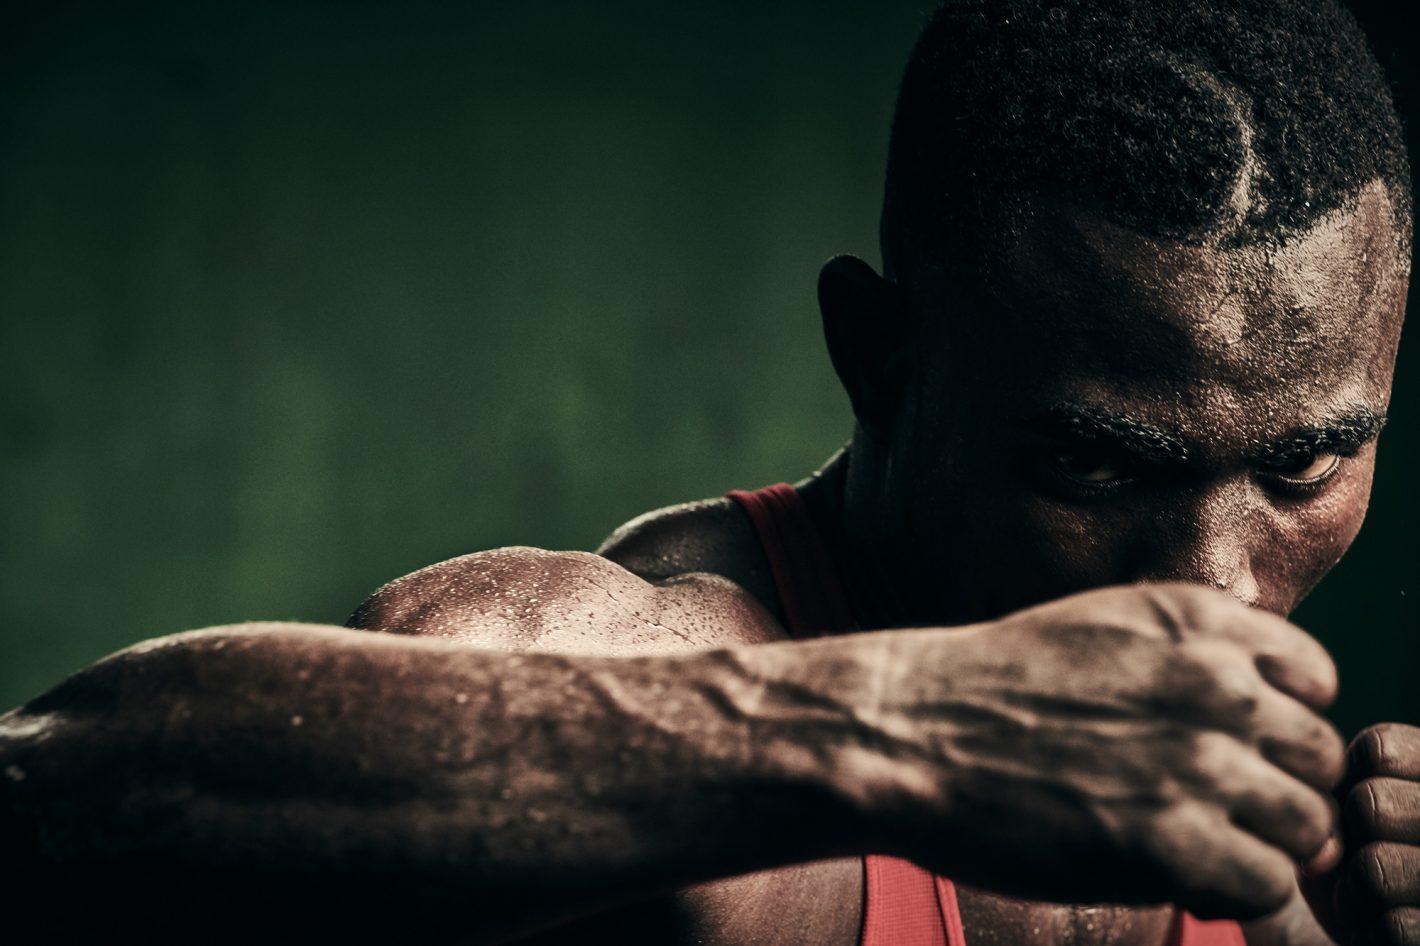 Nikon D850 - Ray Demski photographie la passion brutale des boxeurs de Bukom